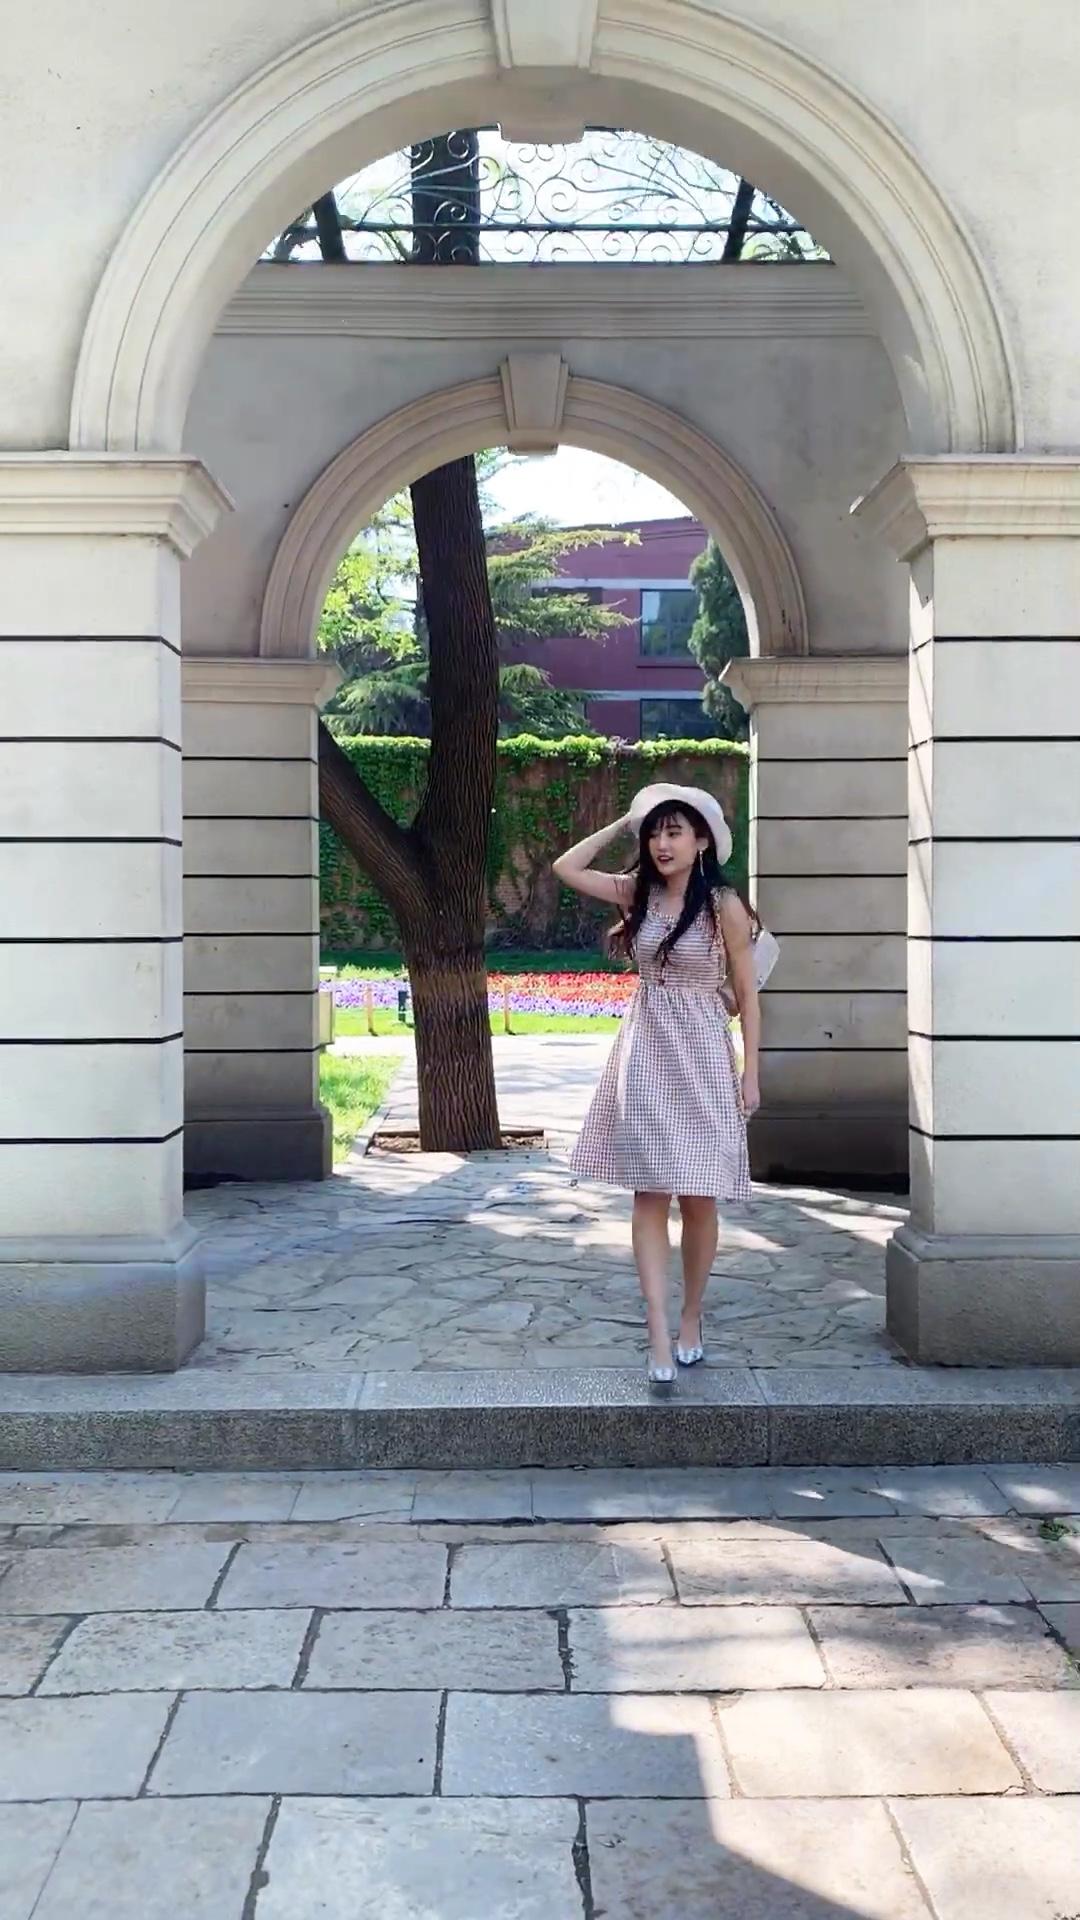 """#520,甜甜的恋爱要来了!#  🎐今日份活泼少女穿搭 视频里的我是个200斤的孩子~ 但回眸这百试不厌的pose依旧可以挽救~ 这条裙子是Dream Park系列第二波    """"梦""""不止是少女的隐形乐园,还是设计师的灵感缪斯。虚实交错的影像和五彩交融的颜色,让人陶醉、沉迷。"""